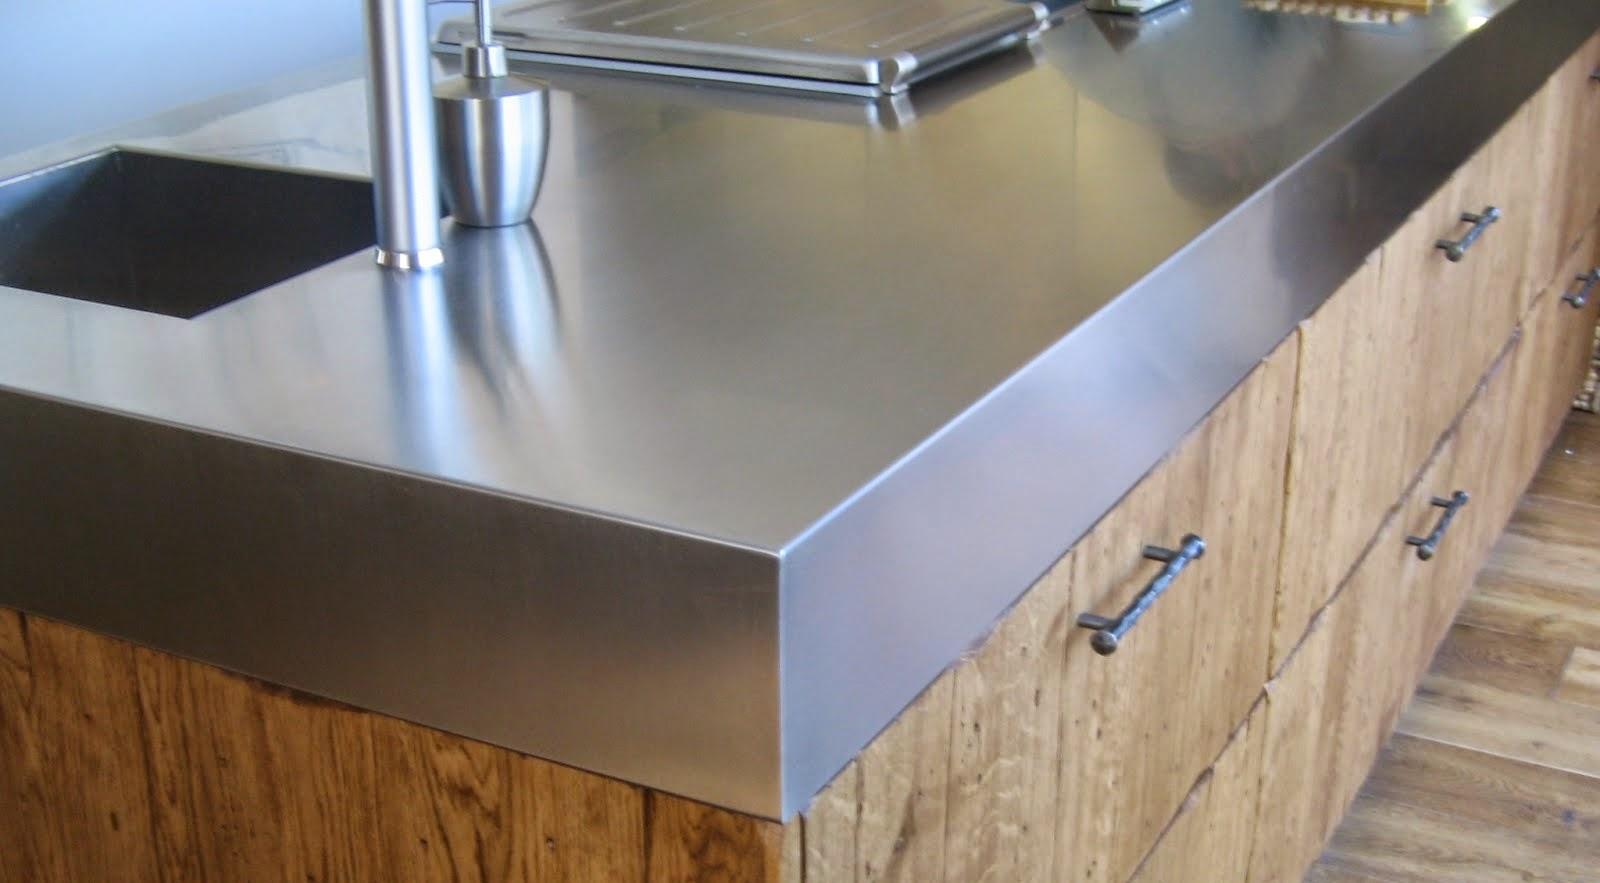 Encimeras de cocina cu les son y c mo conservarlas for Colores de granito para encimeras